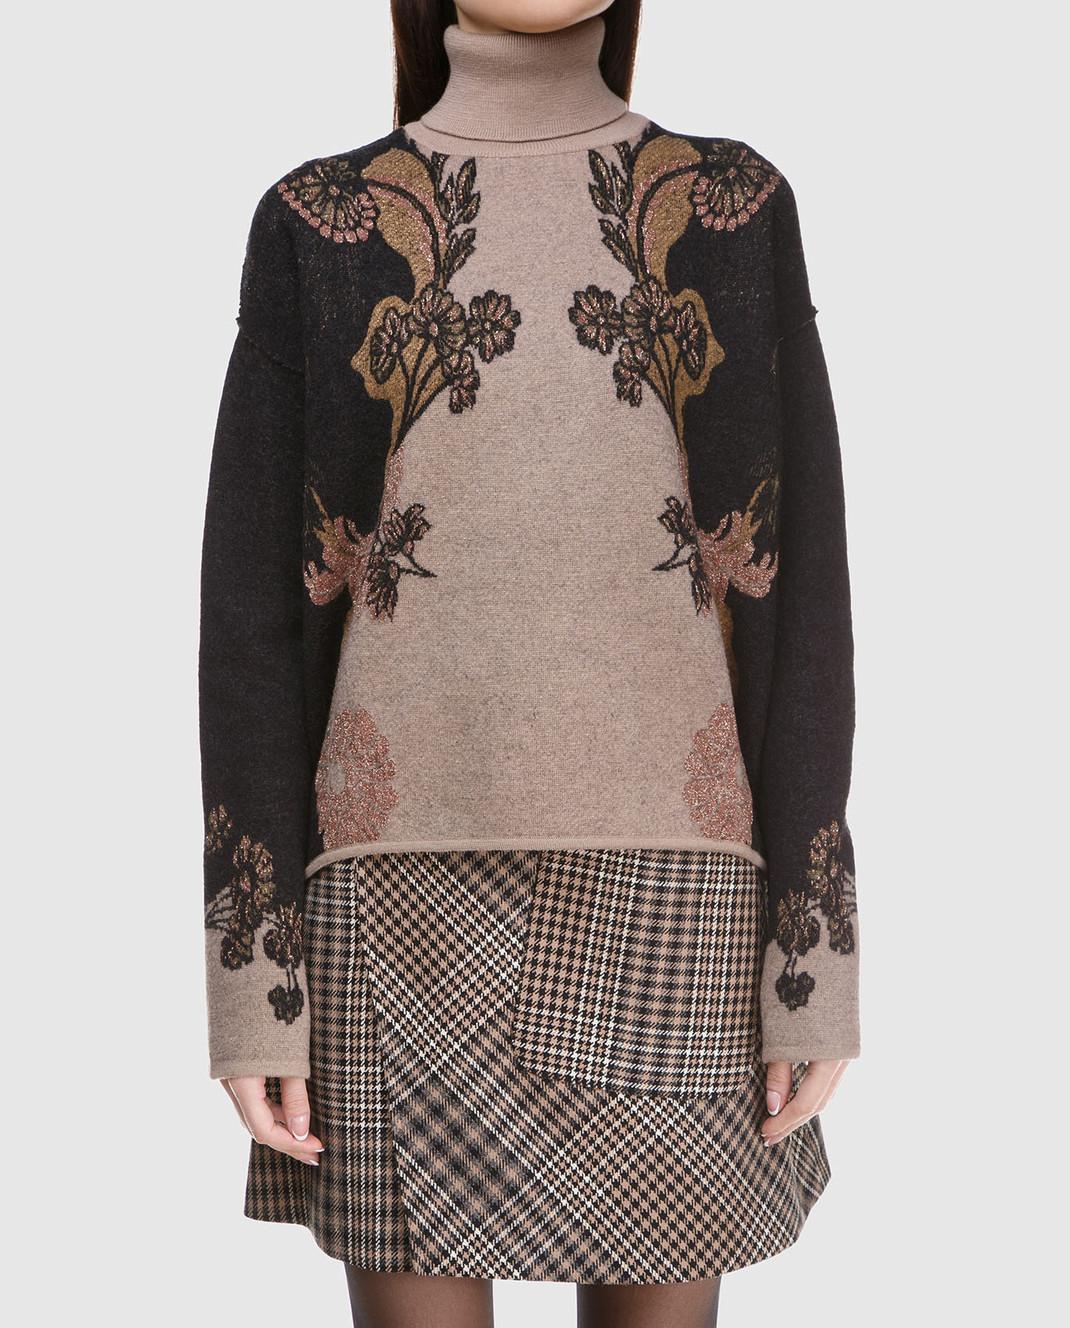 Etro Коричневый свитер из шерсти D156239303 изображение 3